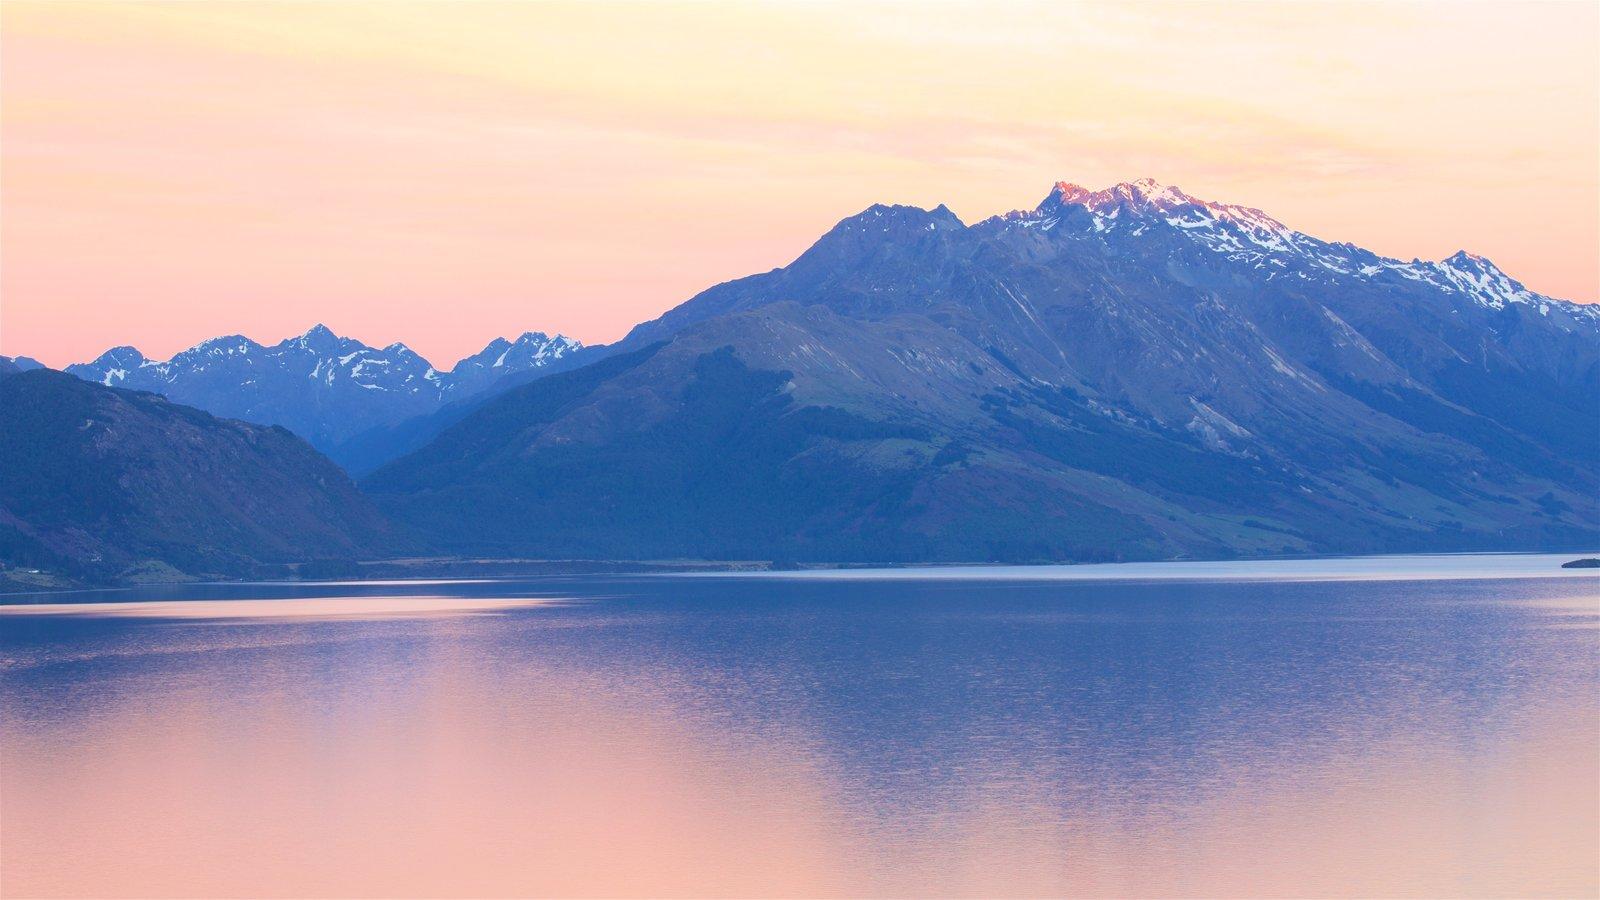 Lake Wakatipu showing a sunset, mountains and a lake or waterhole